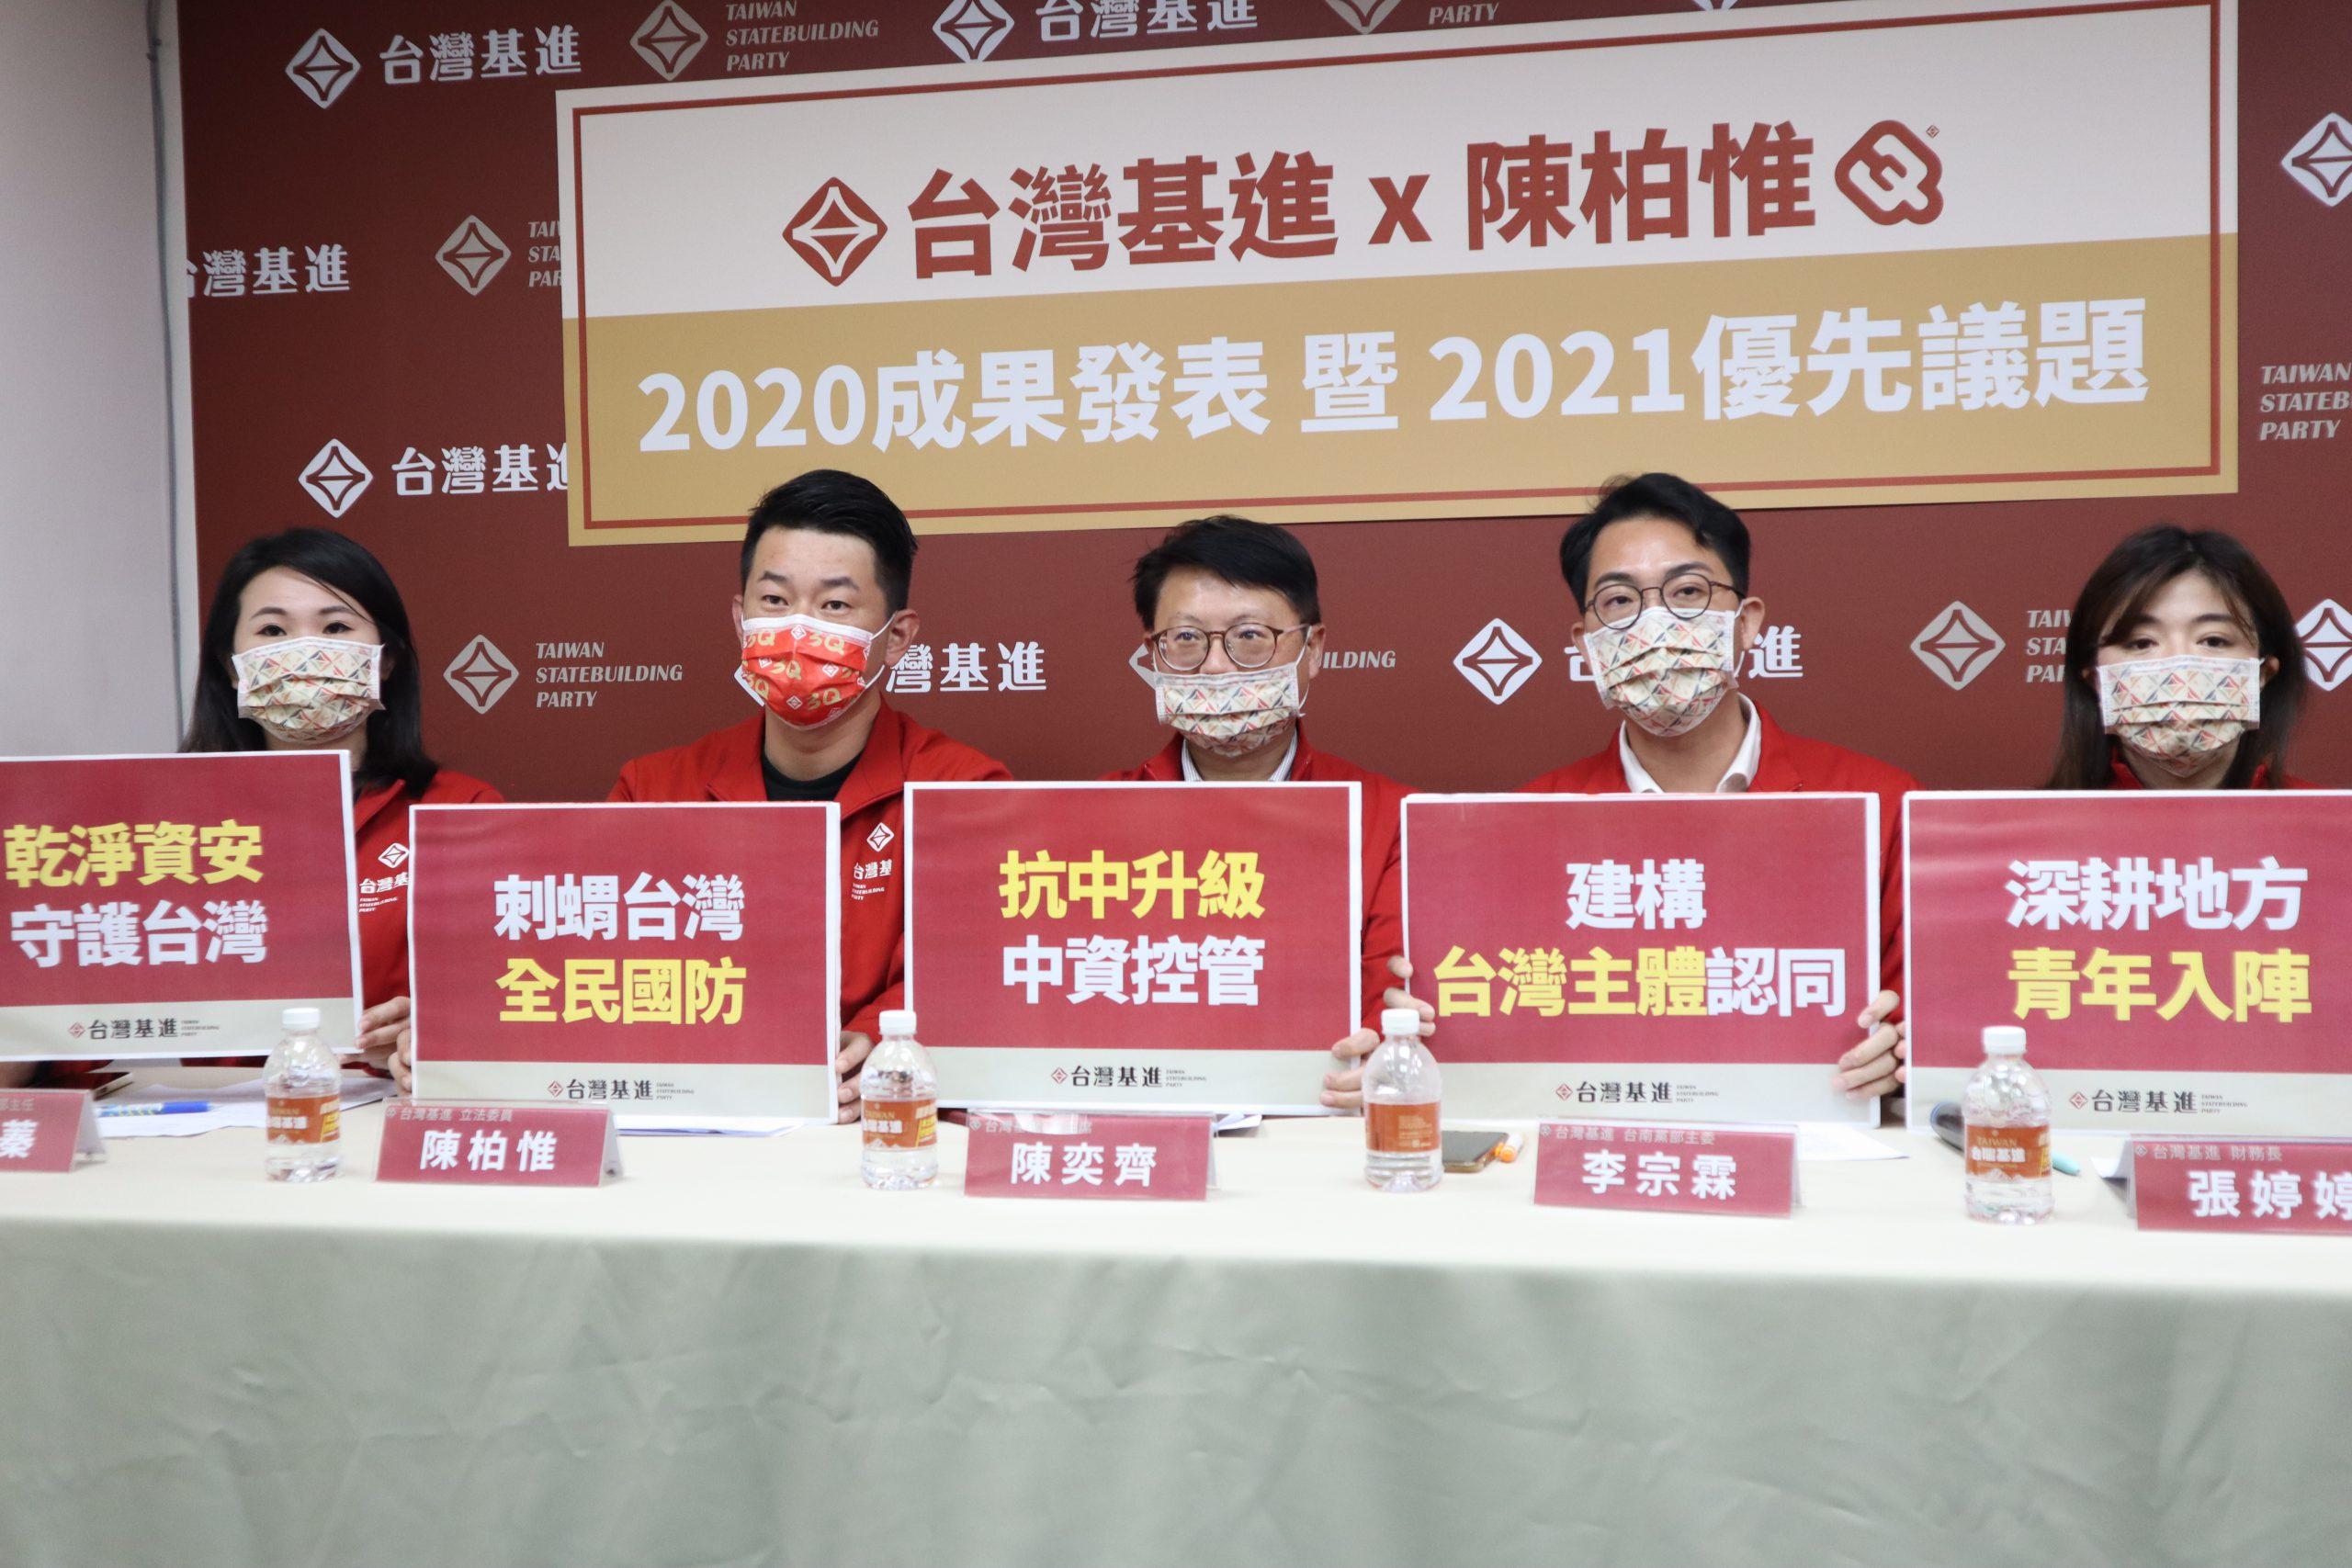 台灣基進今日舉行在國會推動法案的成果發表記者會,並且宣布將會繼續抗中、保台。